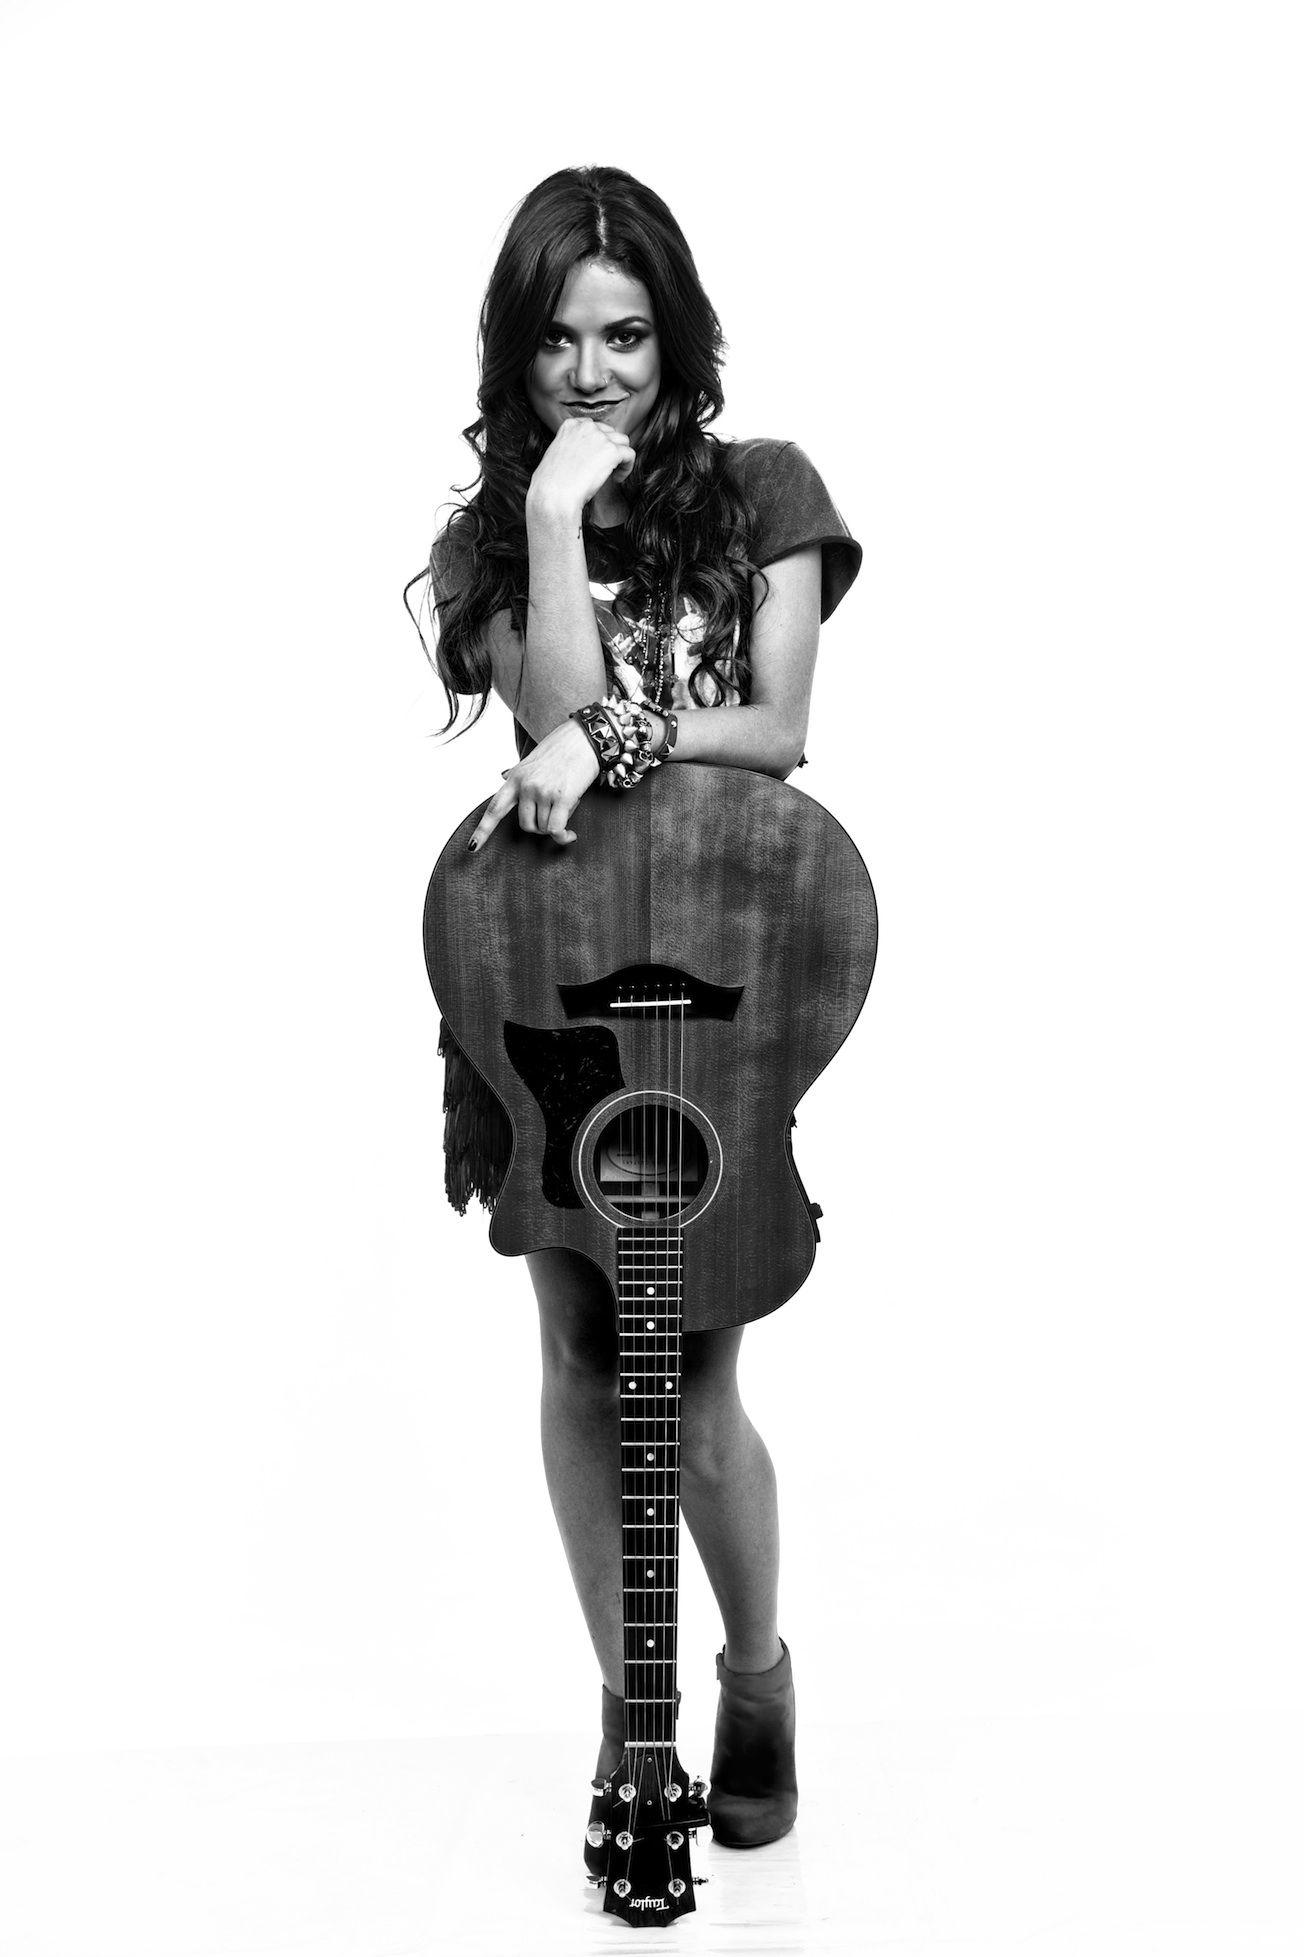 Manu Gavassi e seu violão (: